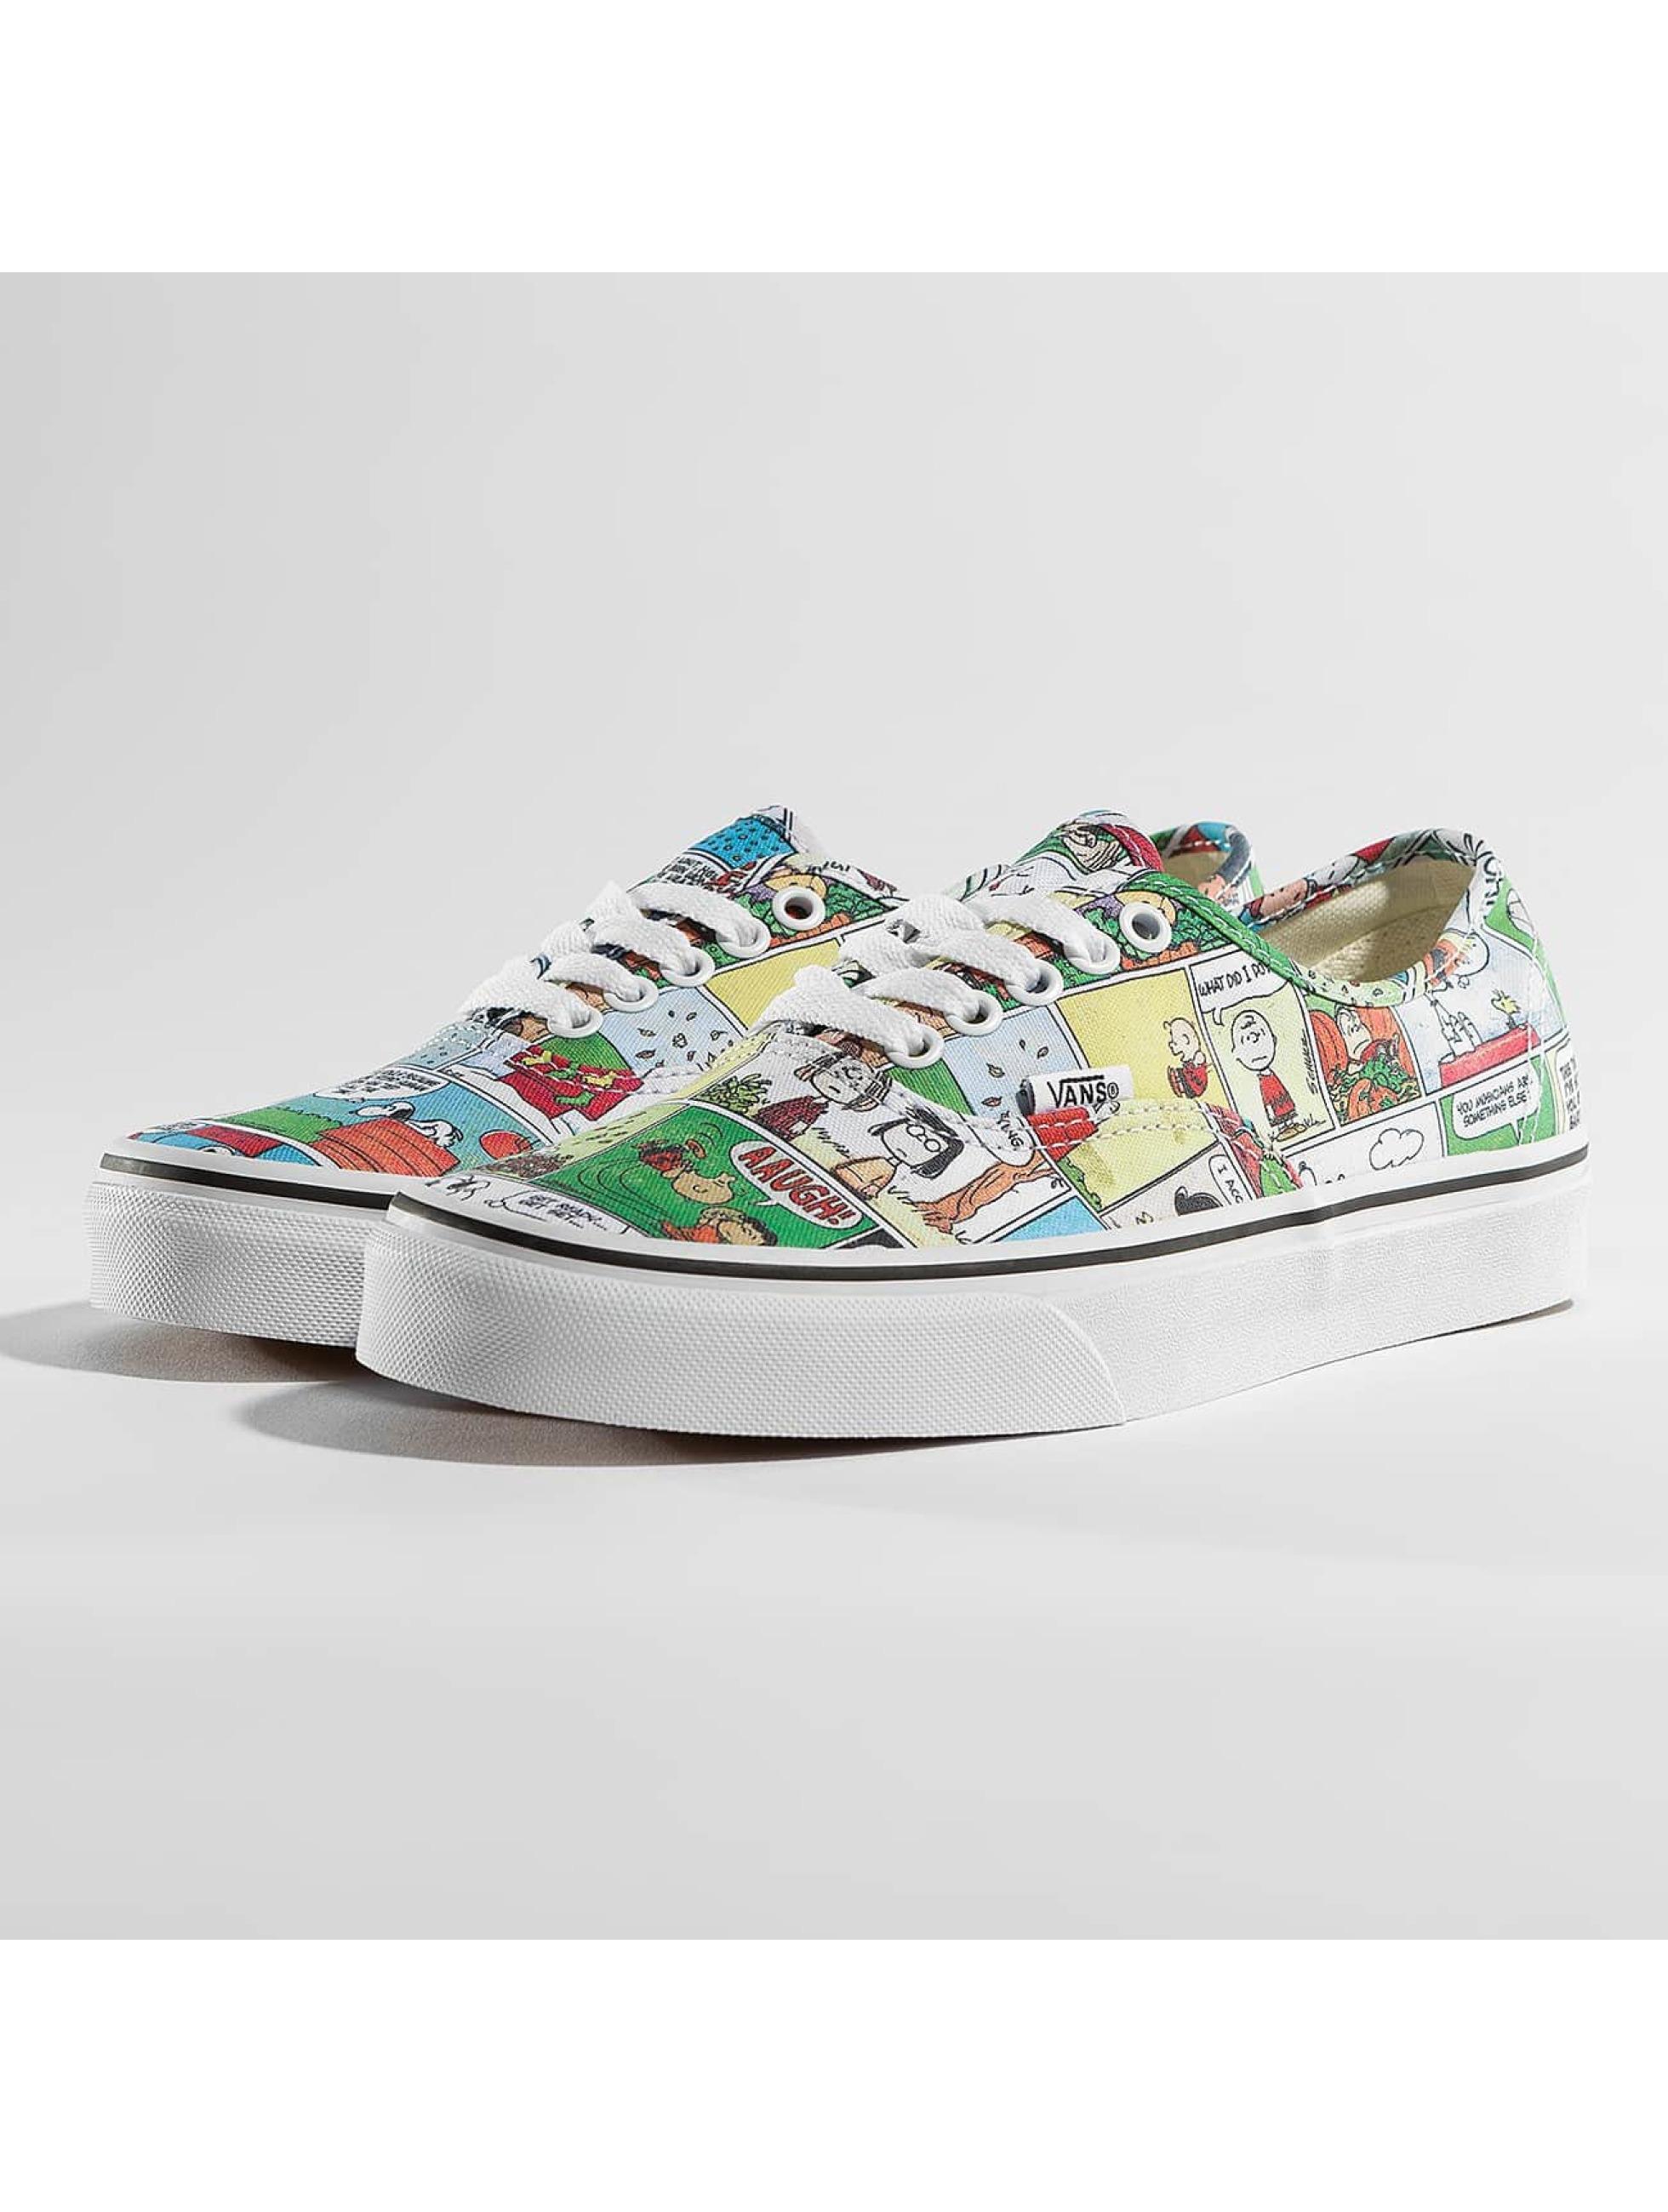 Vans Zapatillas de deporte Peanuts Authentic colorido